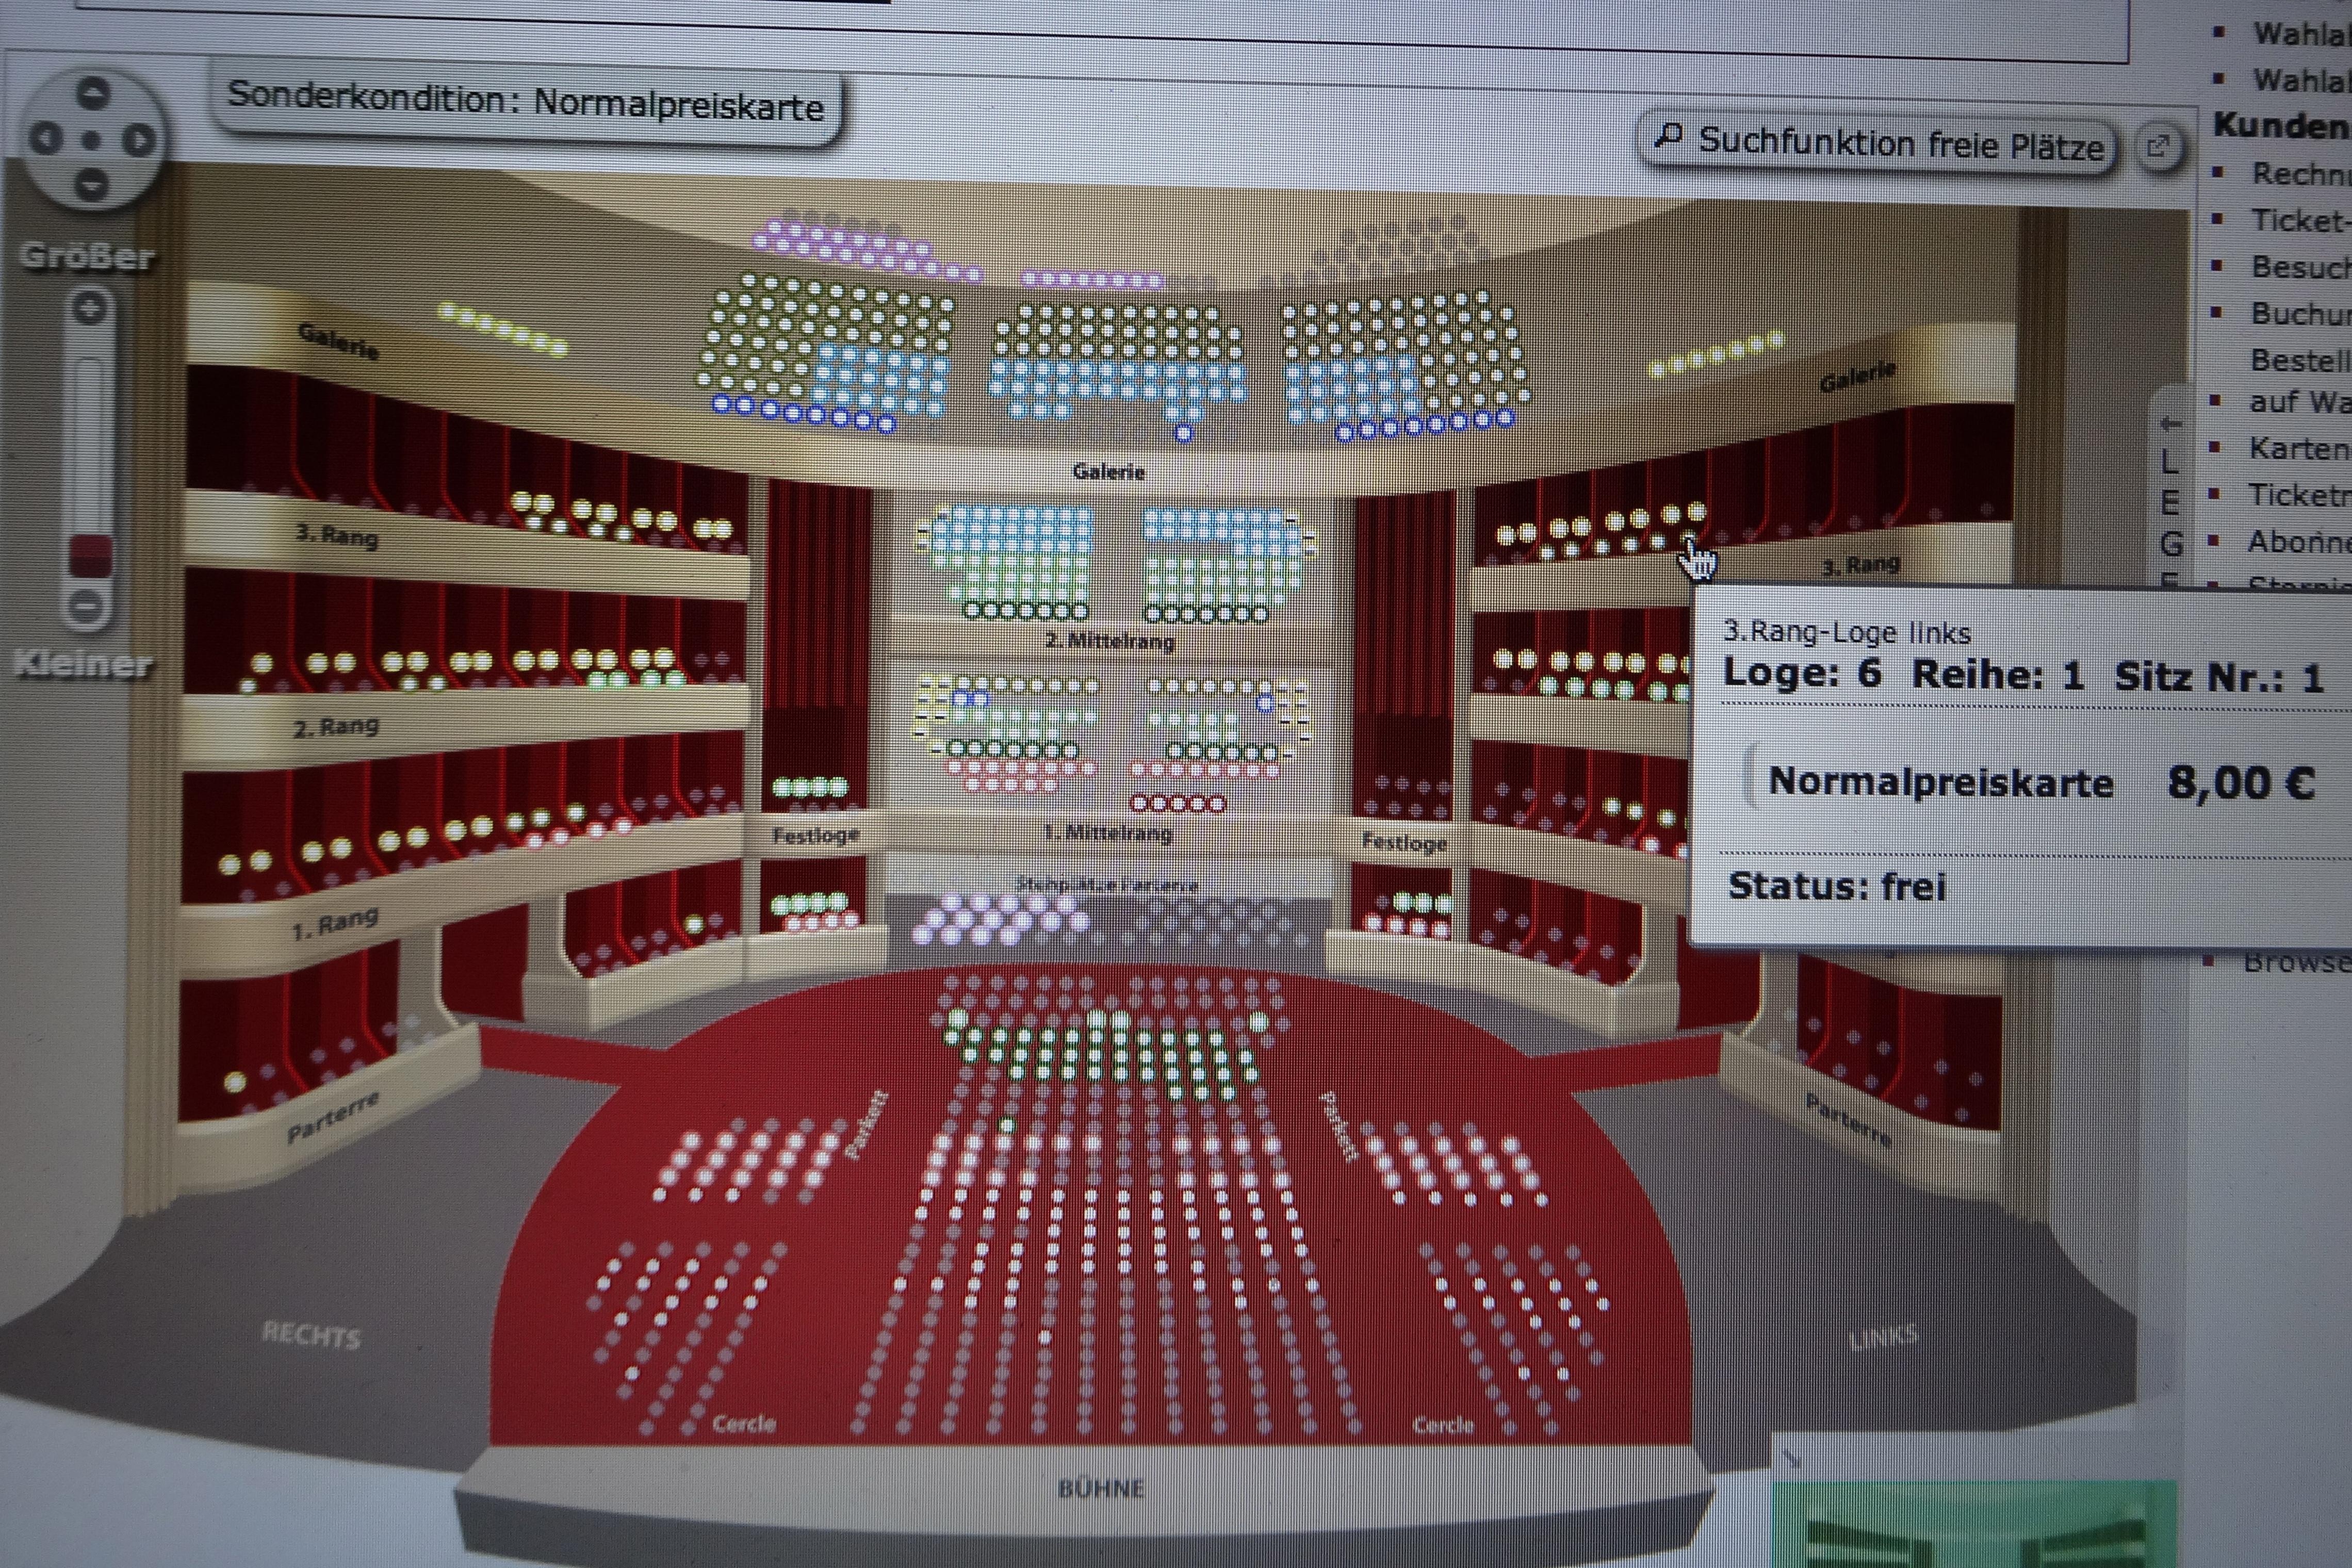 seating plan - Burgtheater - Sitzplan